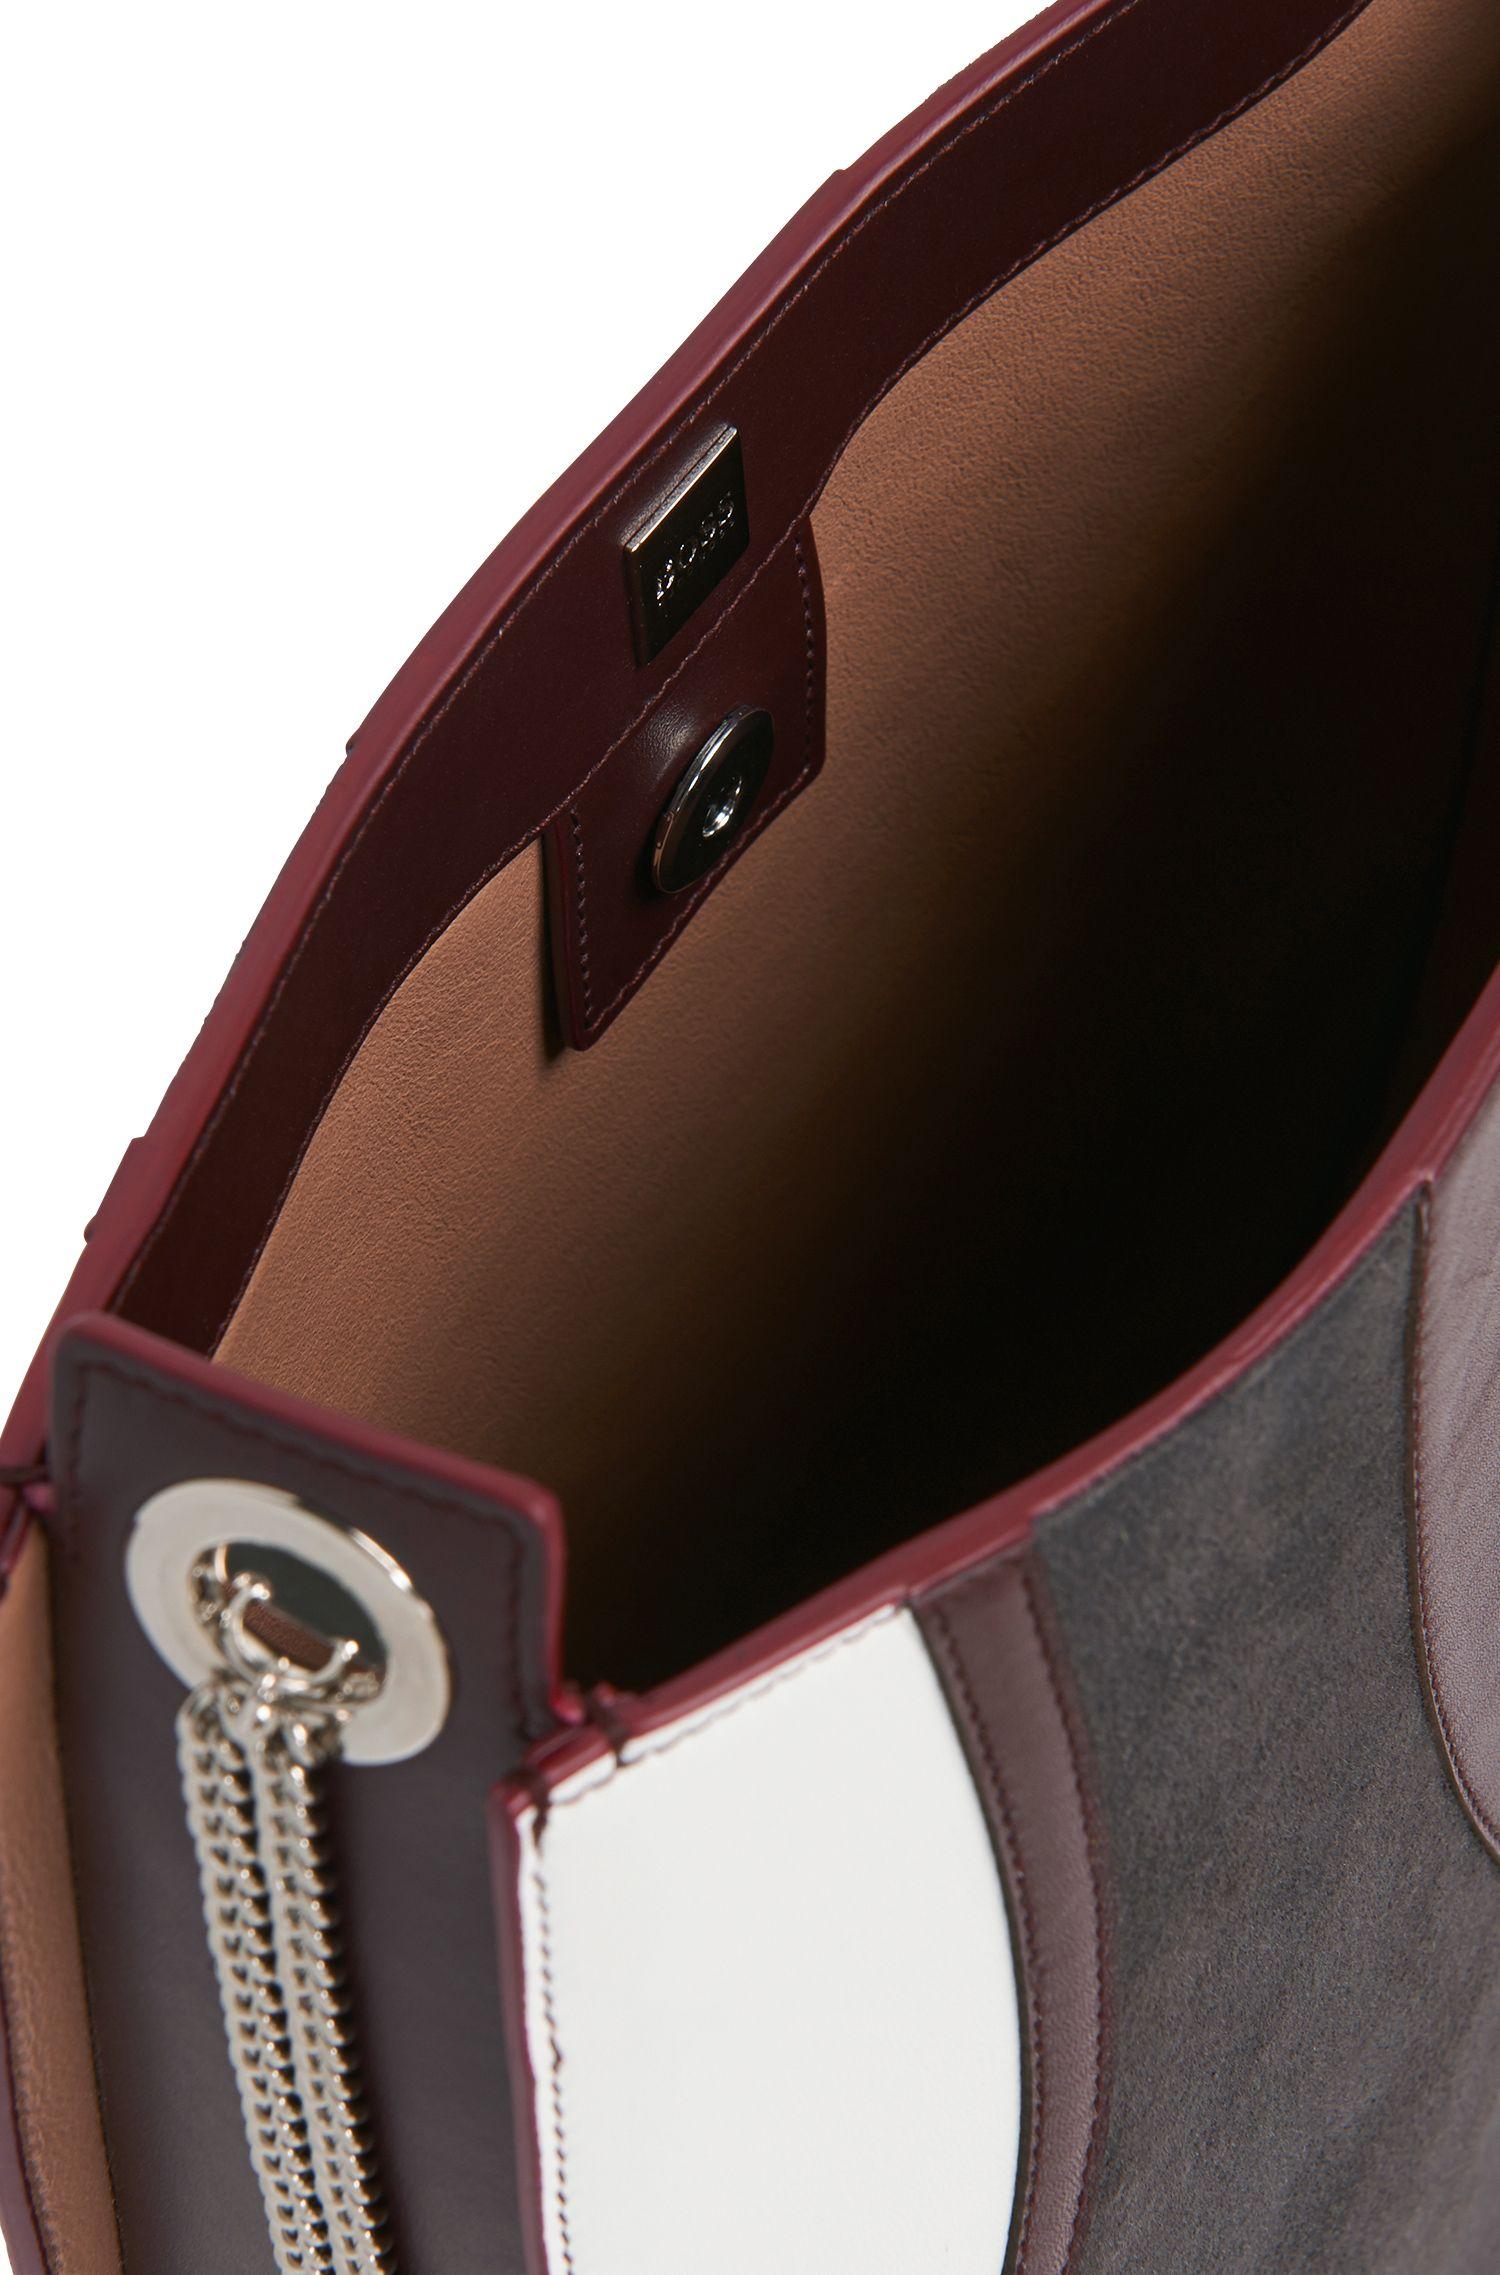 BOSS Bespoke Umhängetasche aus Leder mit grafischem Design